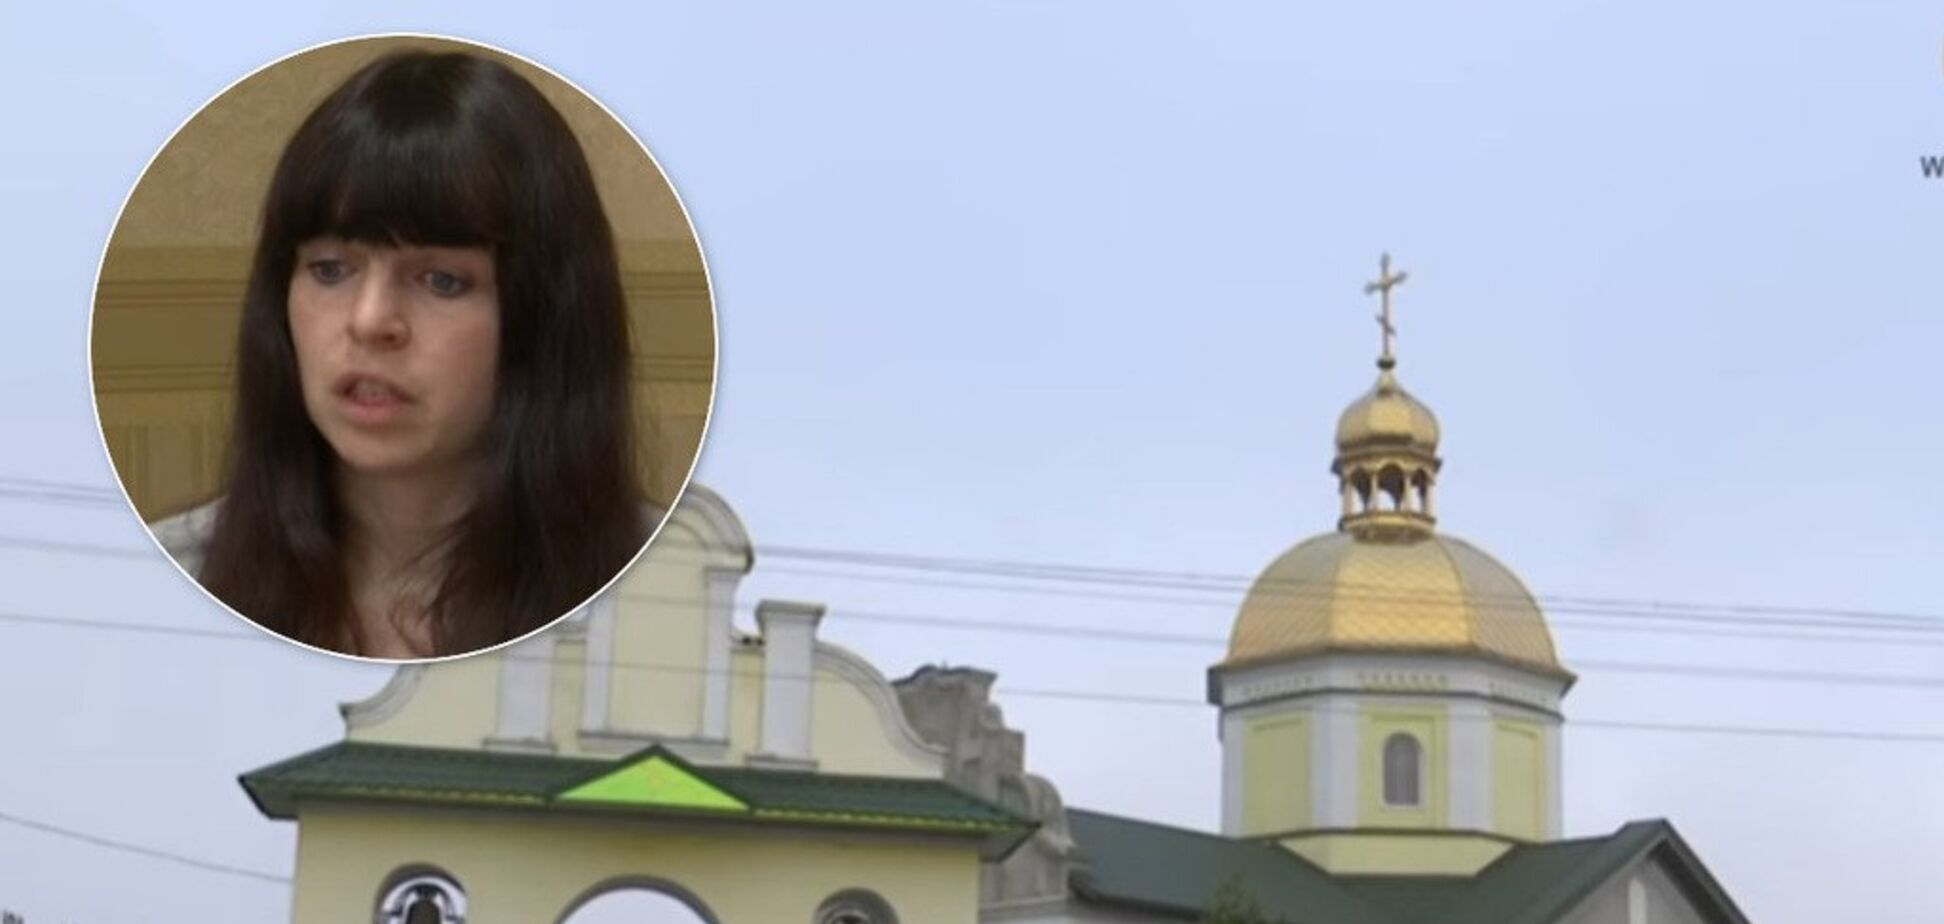 Бив головою об стіну на очах у дітей: в Україні спалахнув скандал через священника